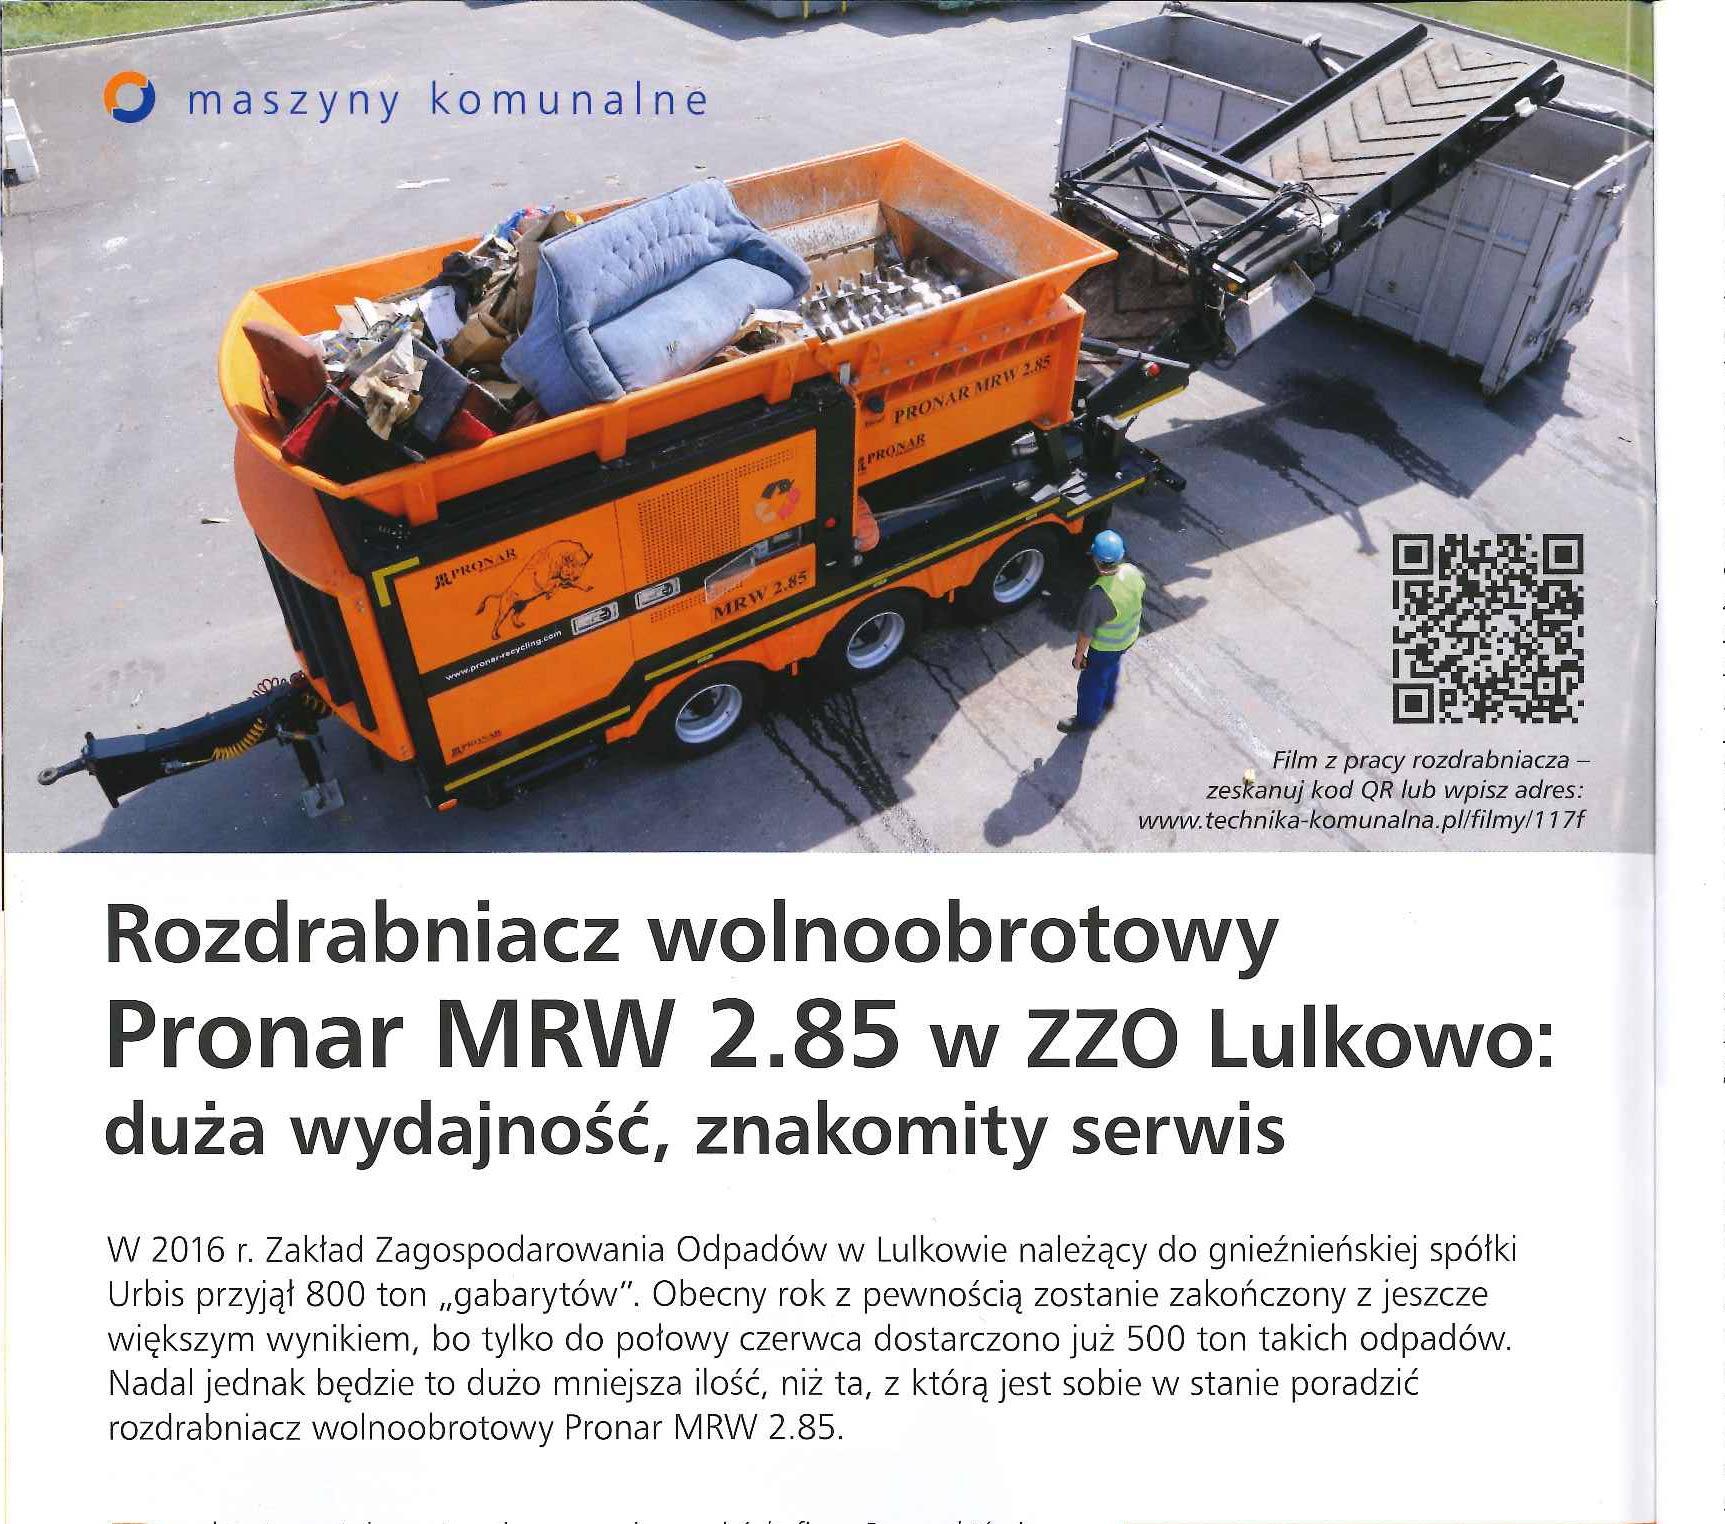 Rozdrabniacz wolnoobrotowy Pronar MRW 2.85 w ZZO Lulkowo